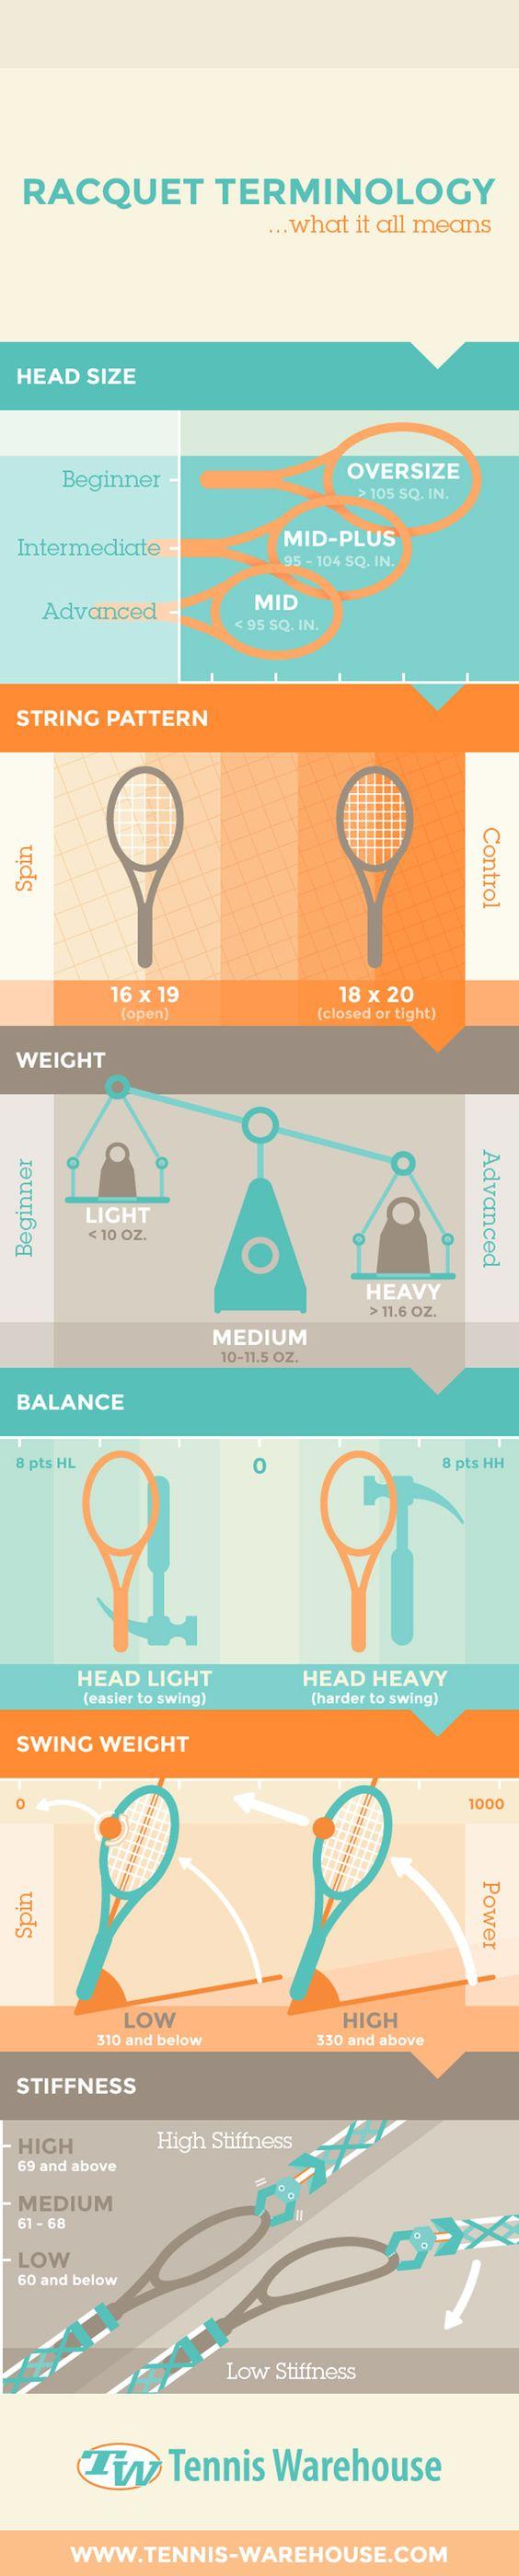 How to Choose a Tennis Racquet: Racquet terms explained #Racquets101 #BeginnerTennis #tennis